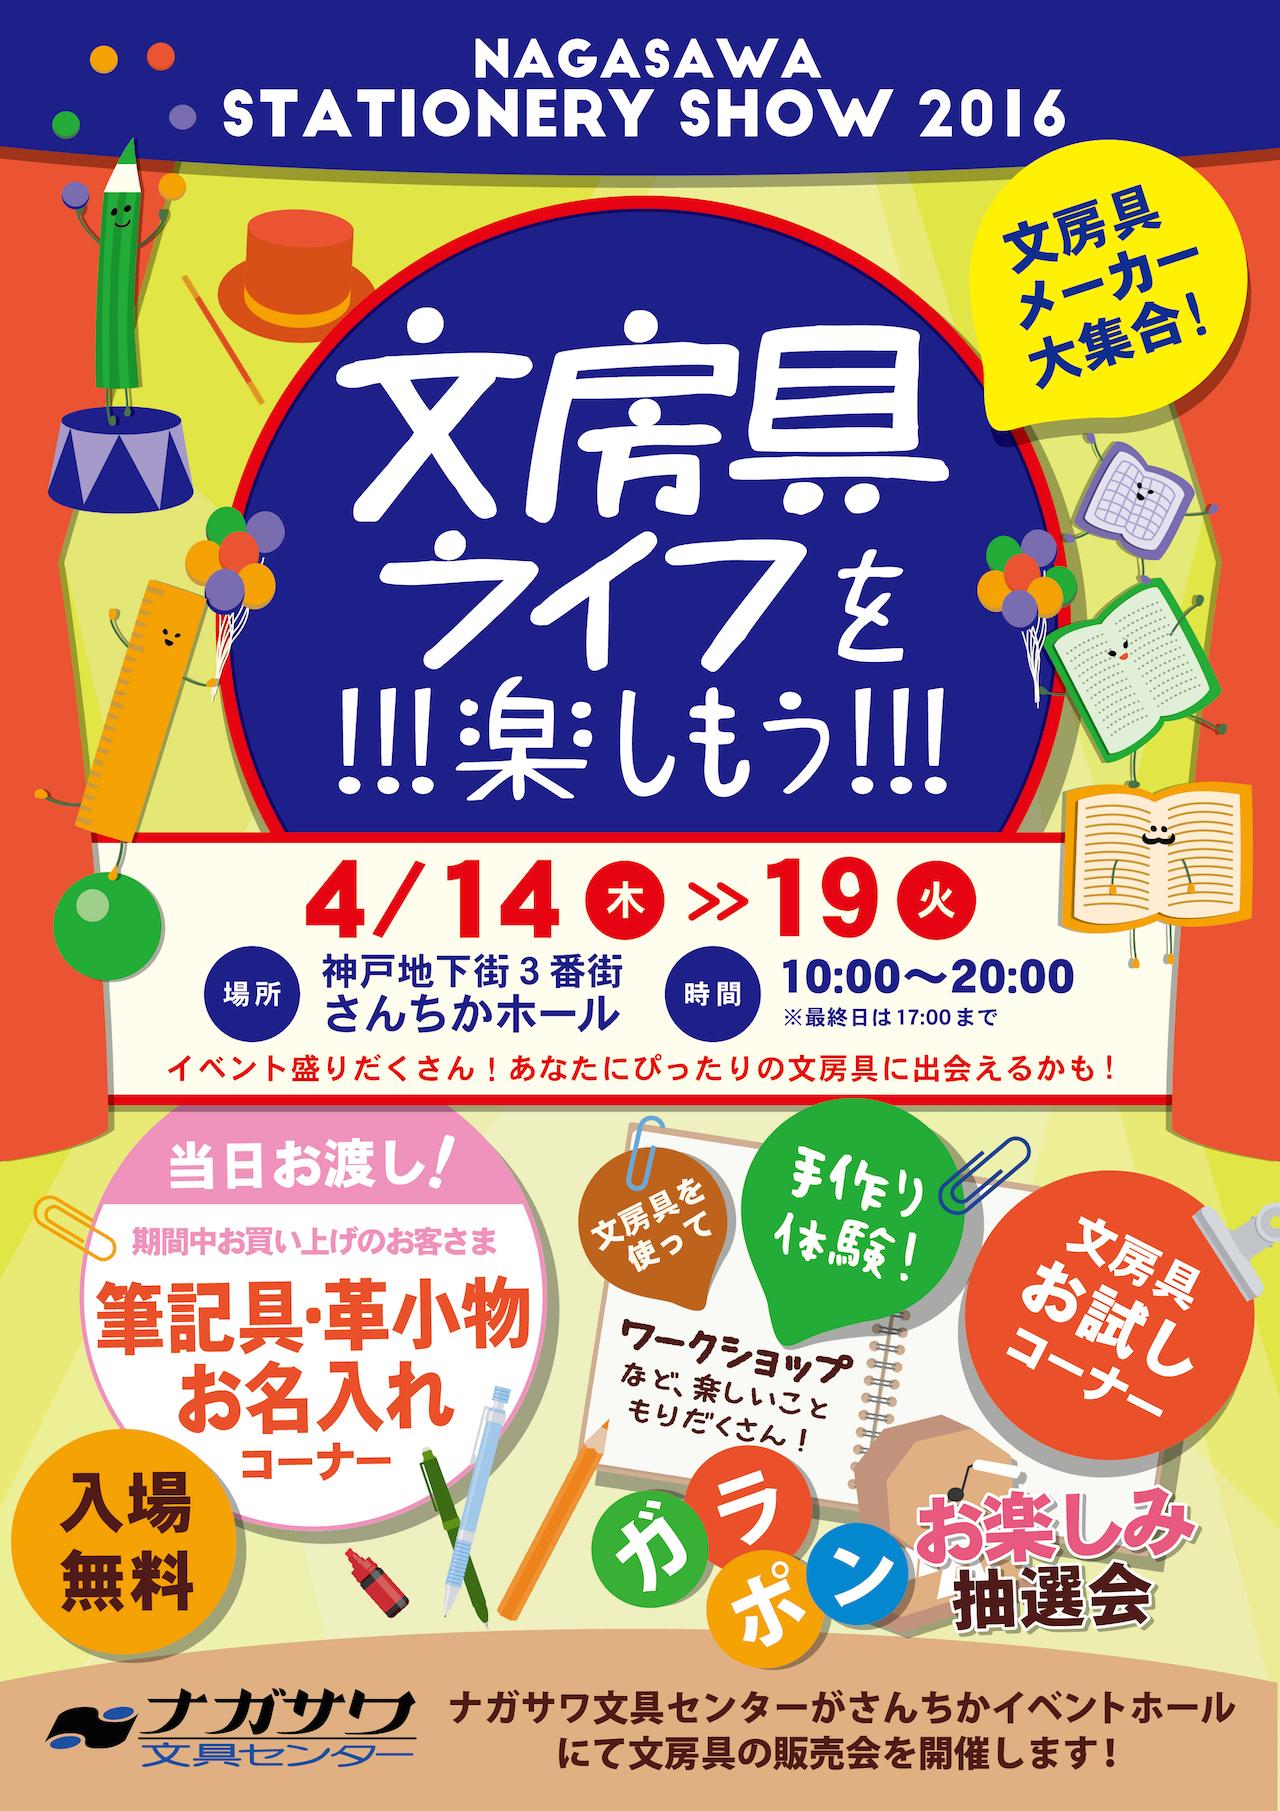 NAGASAWA STATIONERY SHOW 2016 文房具ライフを楽しもう! @神戸地下街3番街さんちかホール